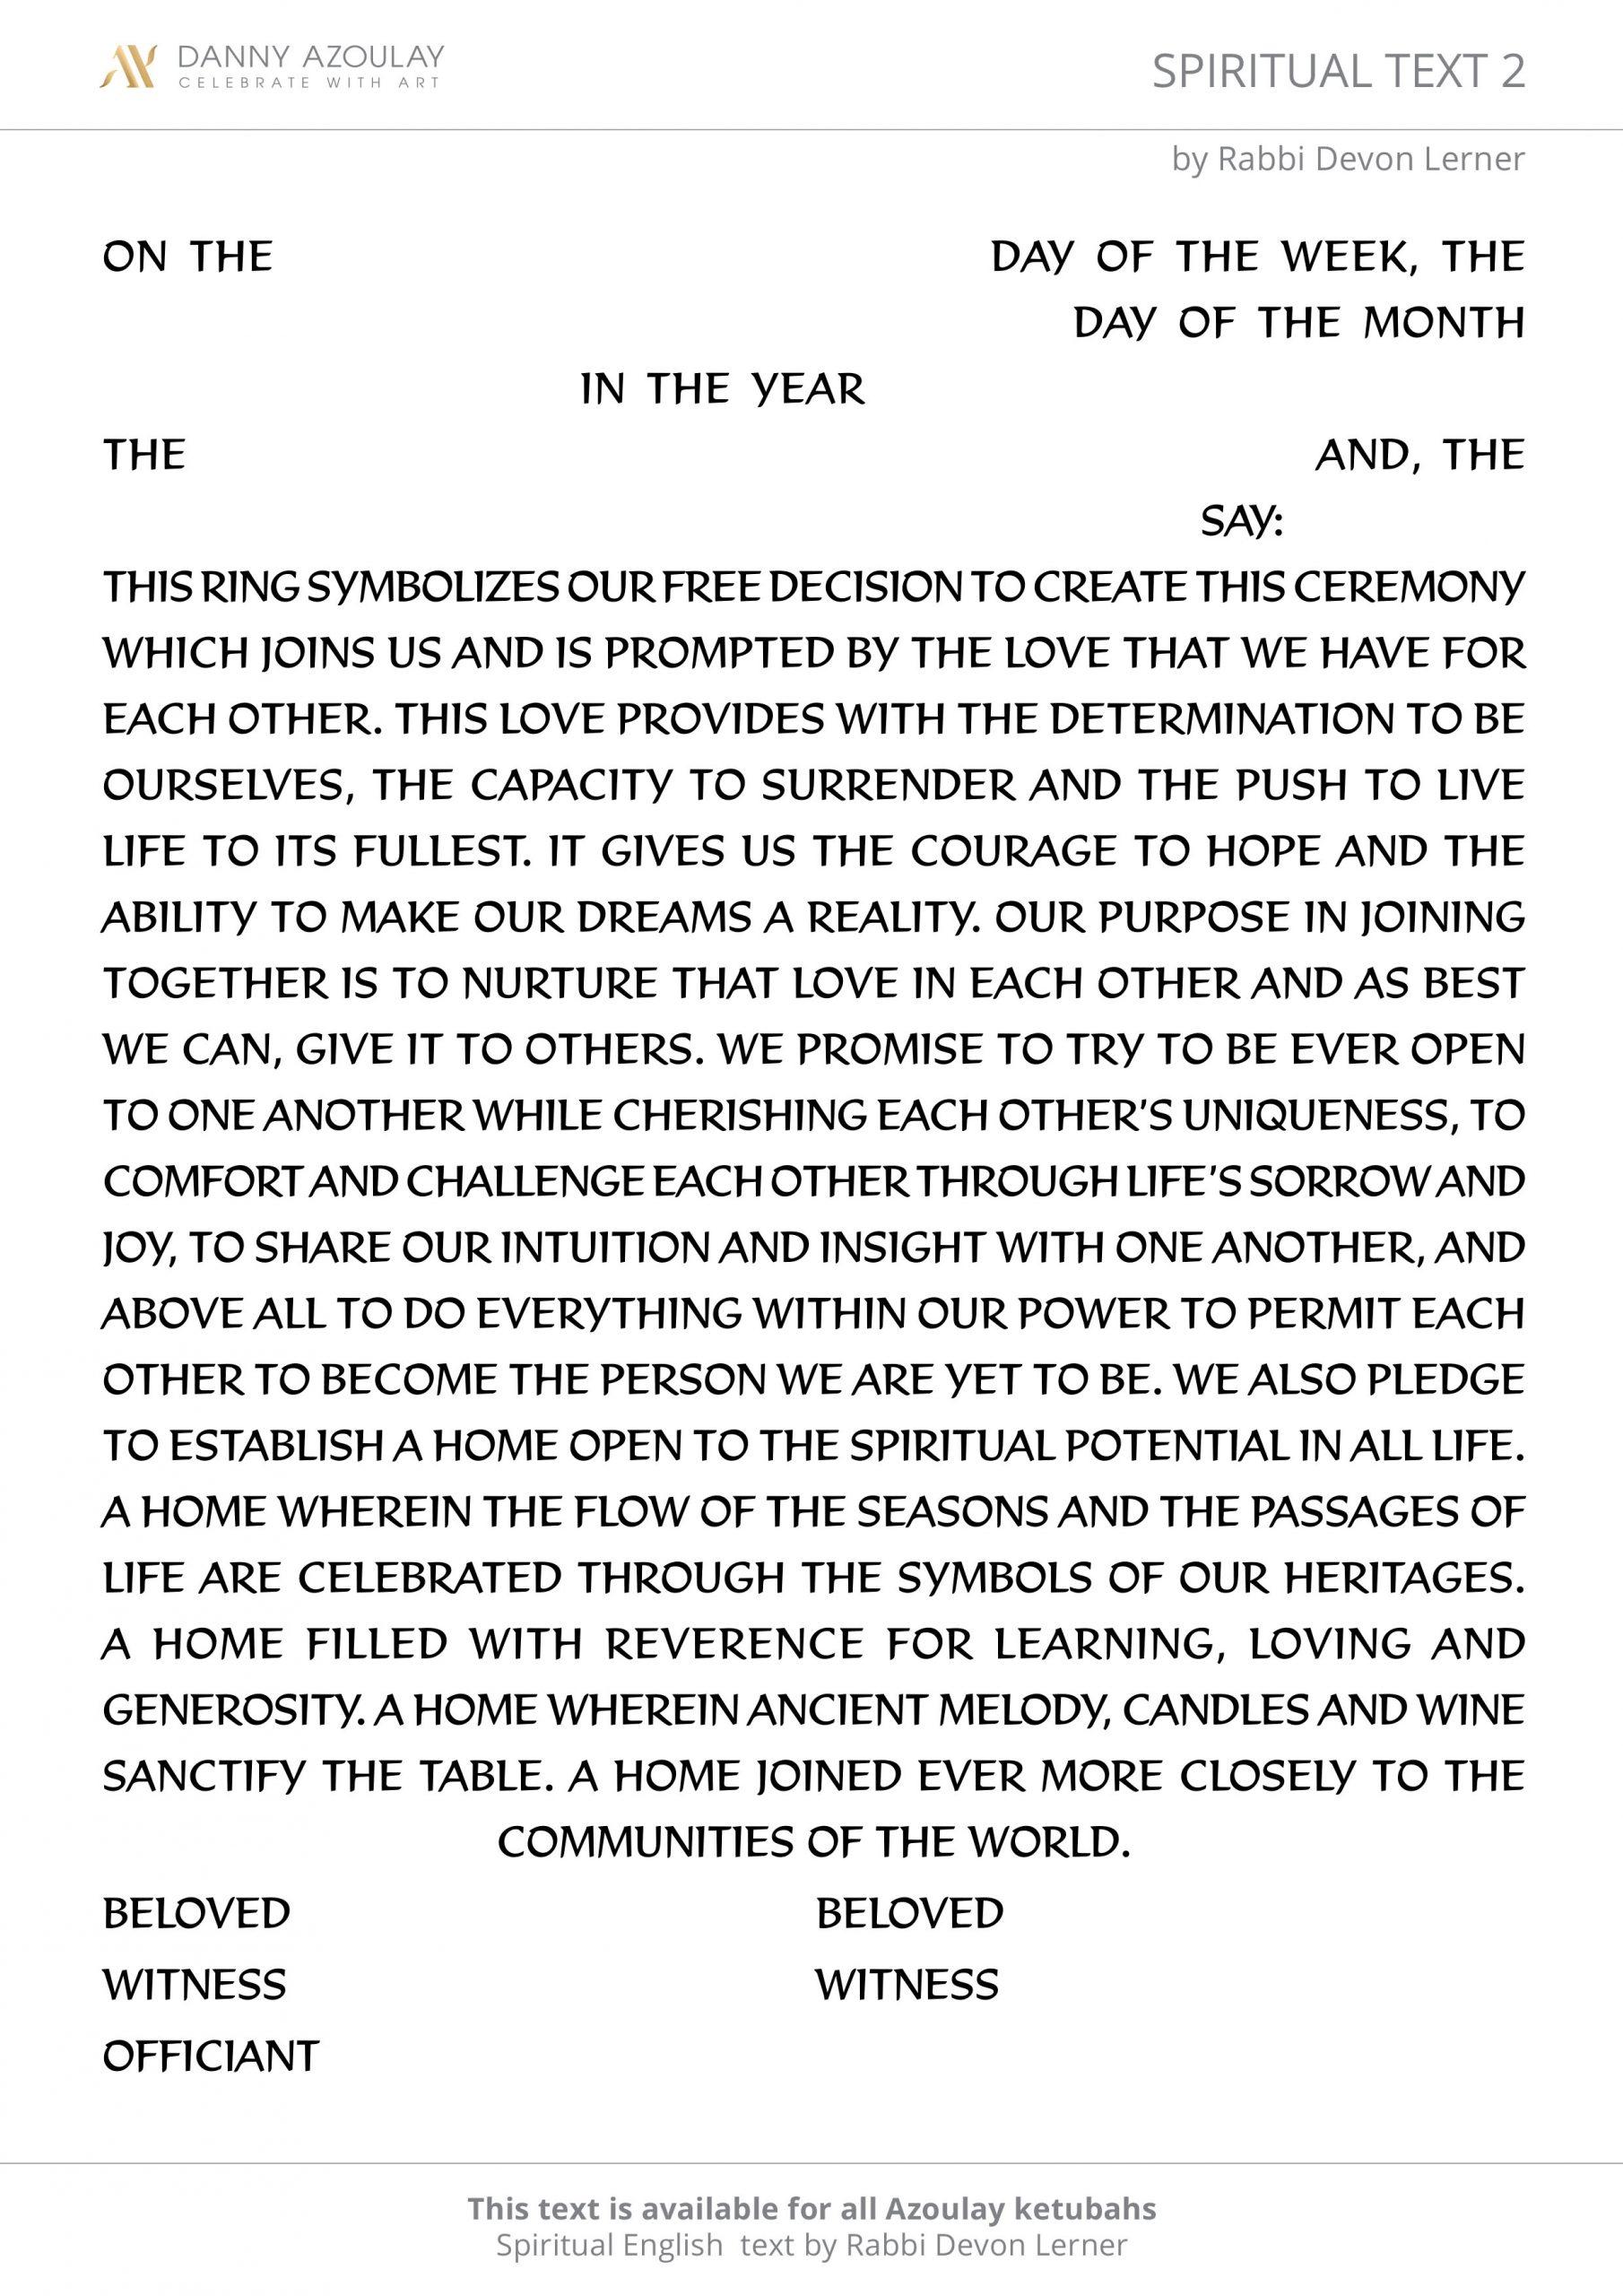 Spiritual Text 2